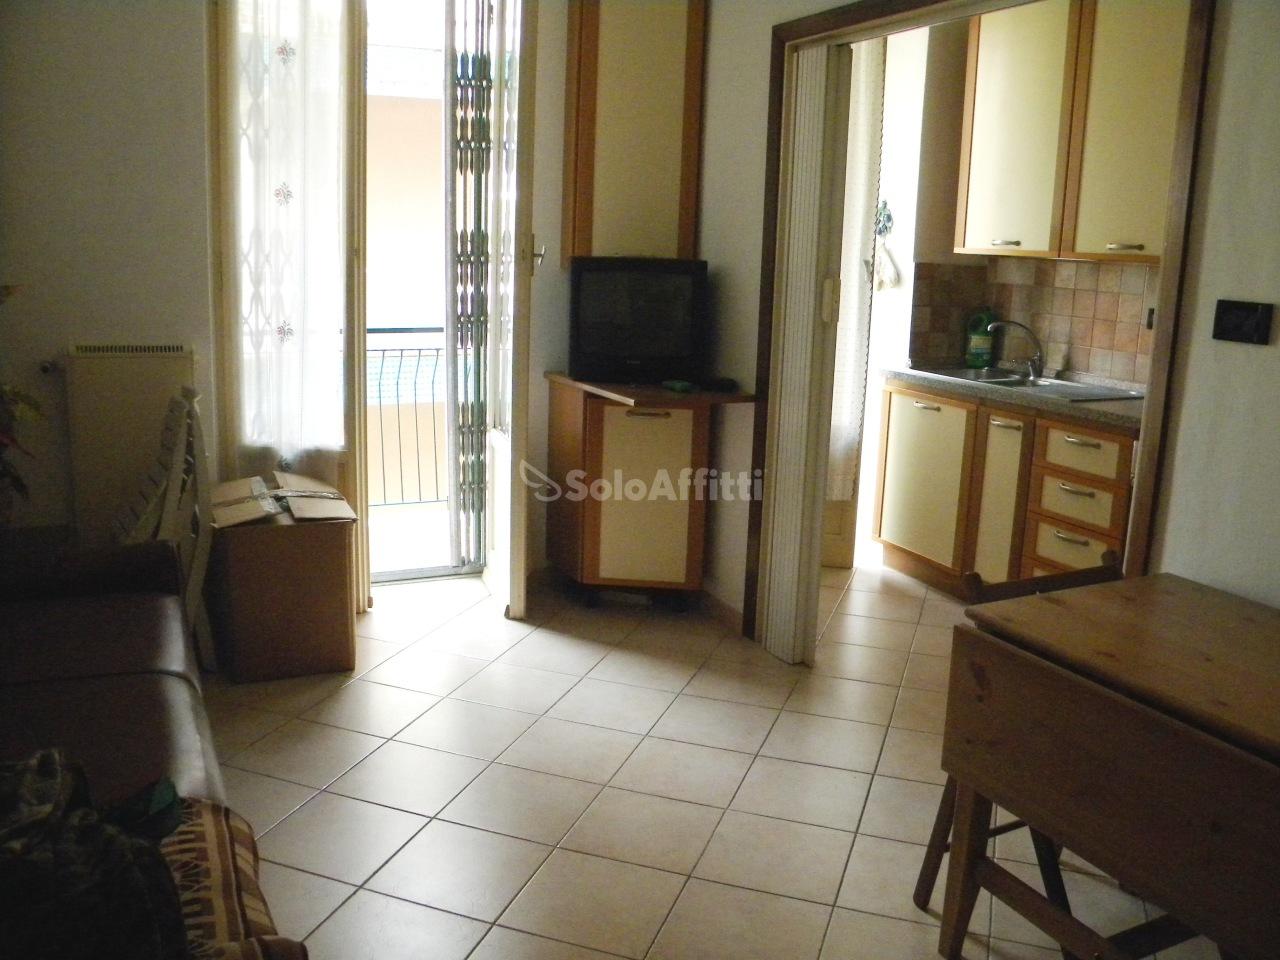 Appartamento in affitto a Rapallo, 2 locali, prezzo € 430   PortaleAgenzieImmobiliari.it